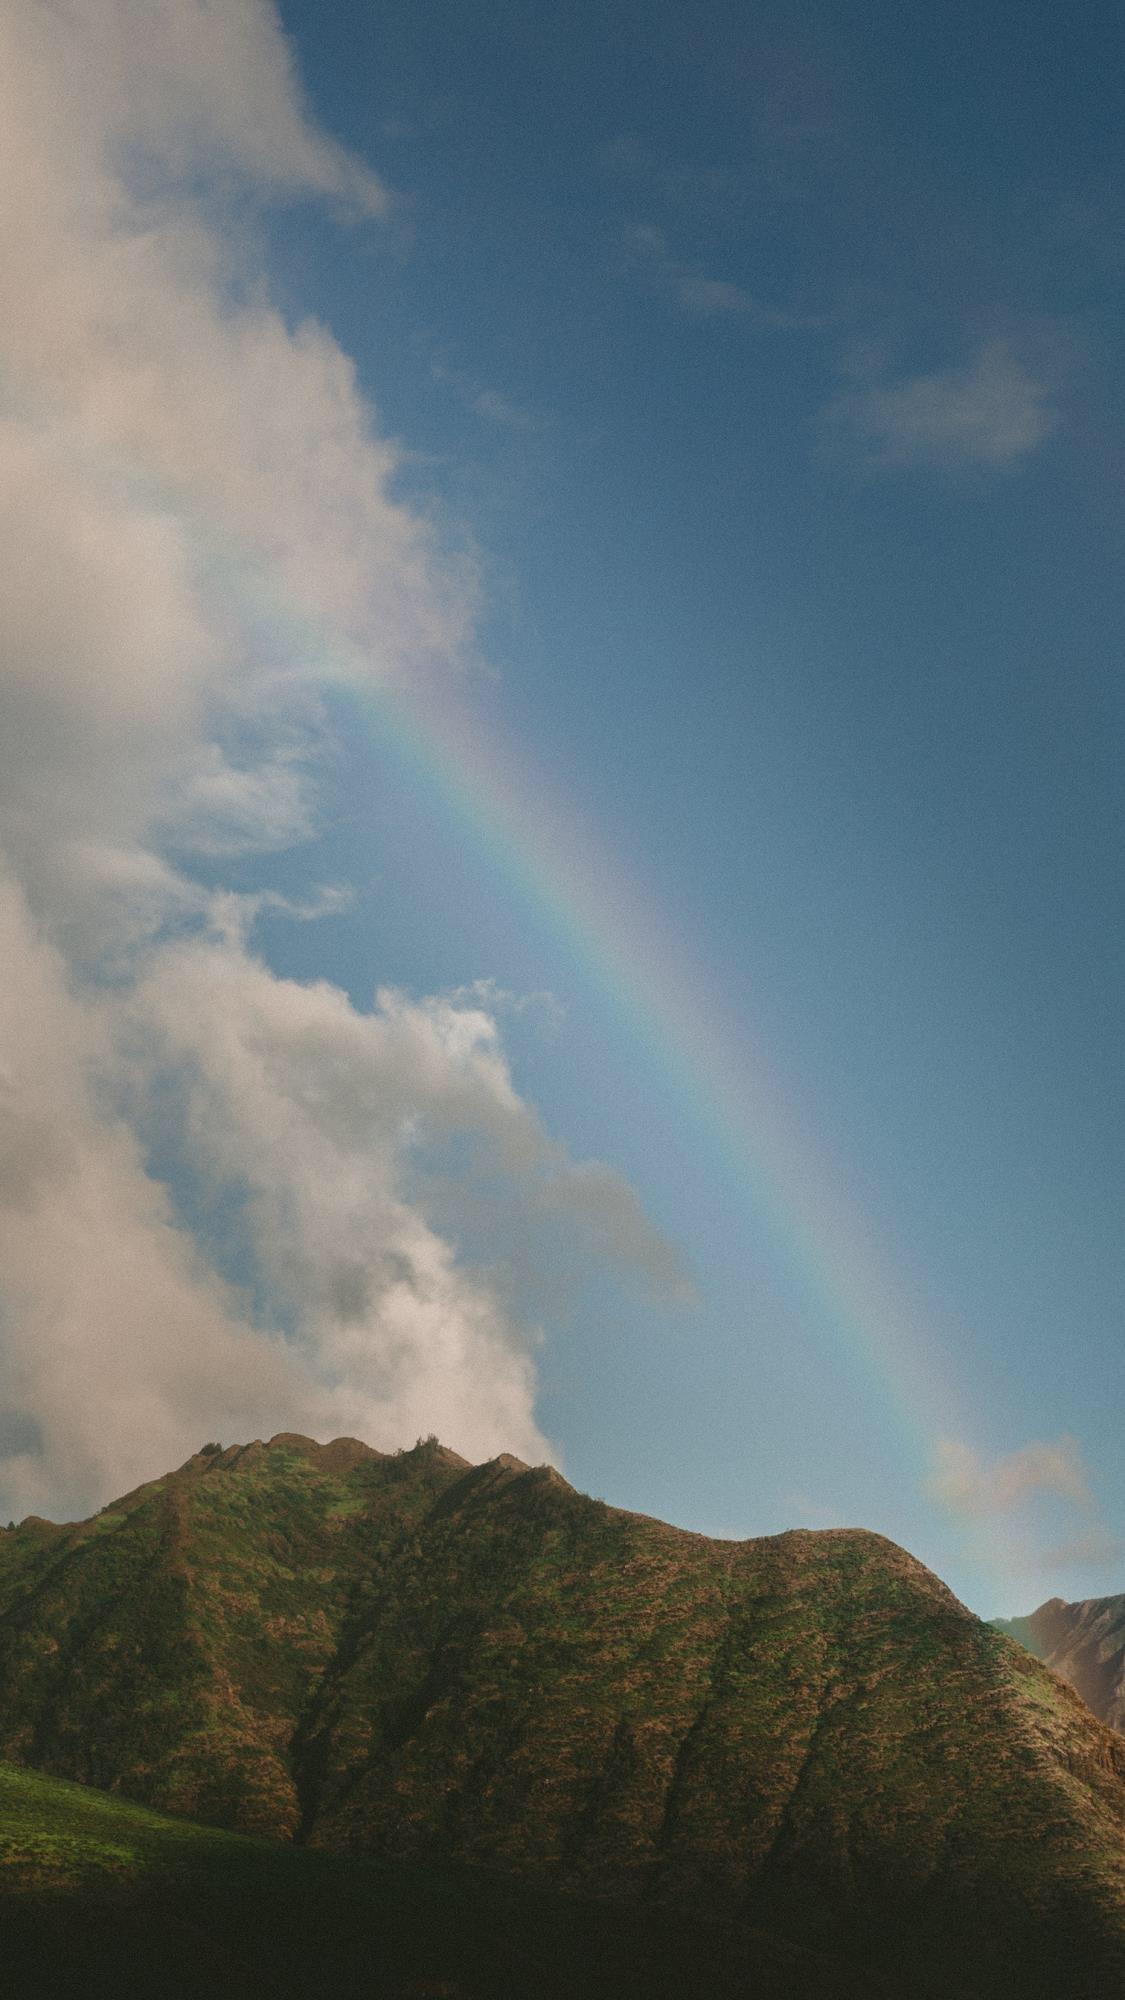 雨后彩虹唯美风景桌面壁纸